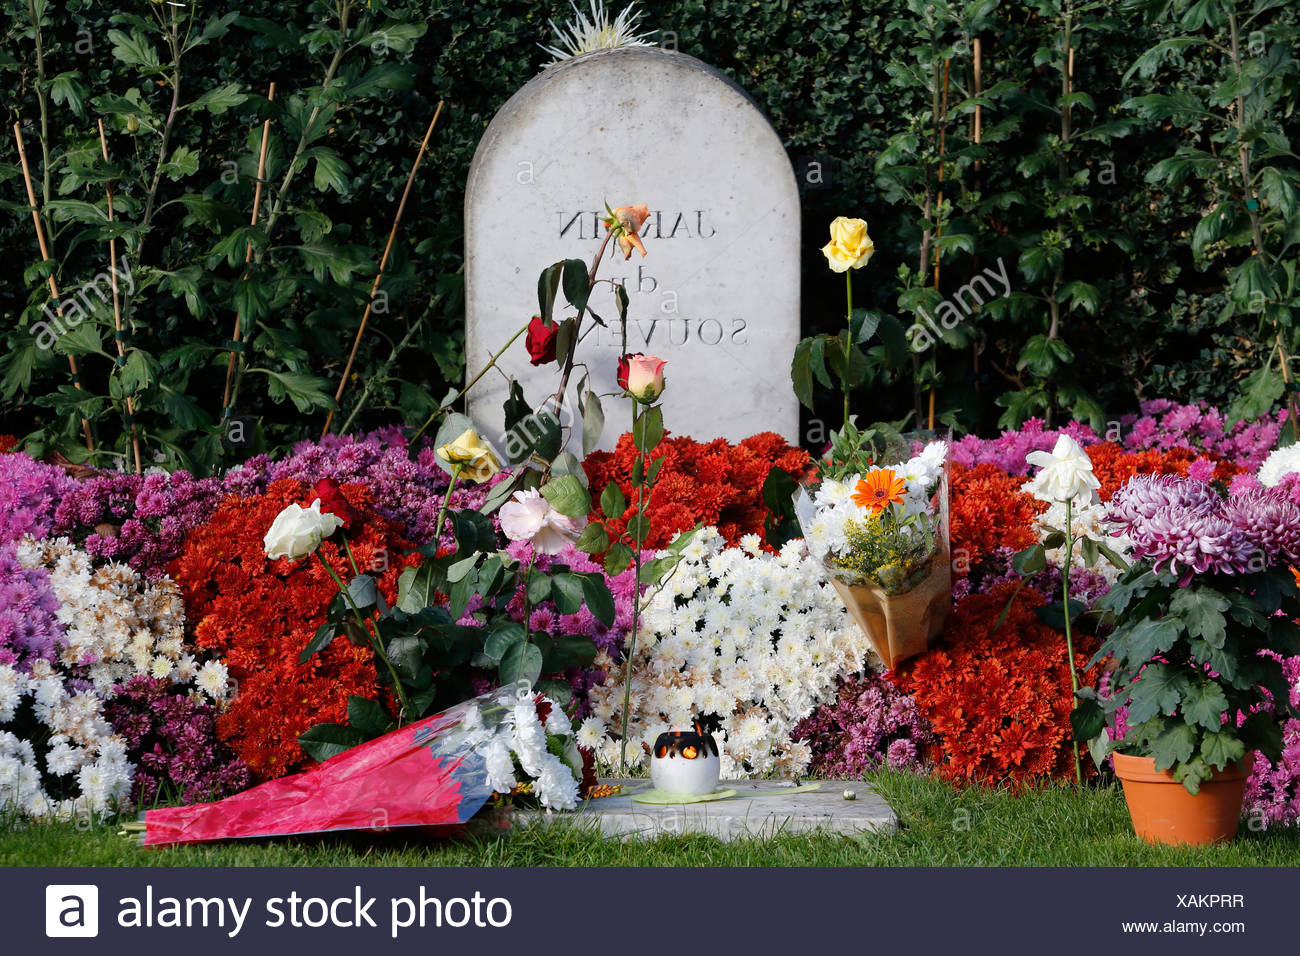 Jardin Du souvenir Pere Lachaise Inspirant Pere Lachaise Cemetery Floral Stock S & Pere Lachaise Of 65 Nouveau Jardin Du souvenir Pere Lachaise